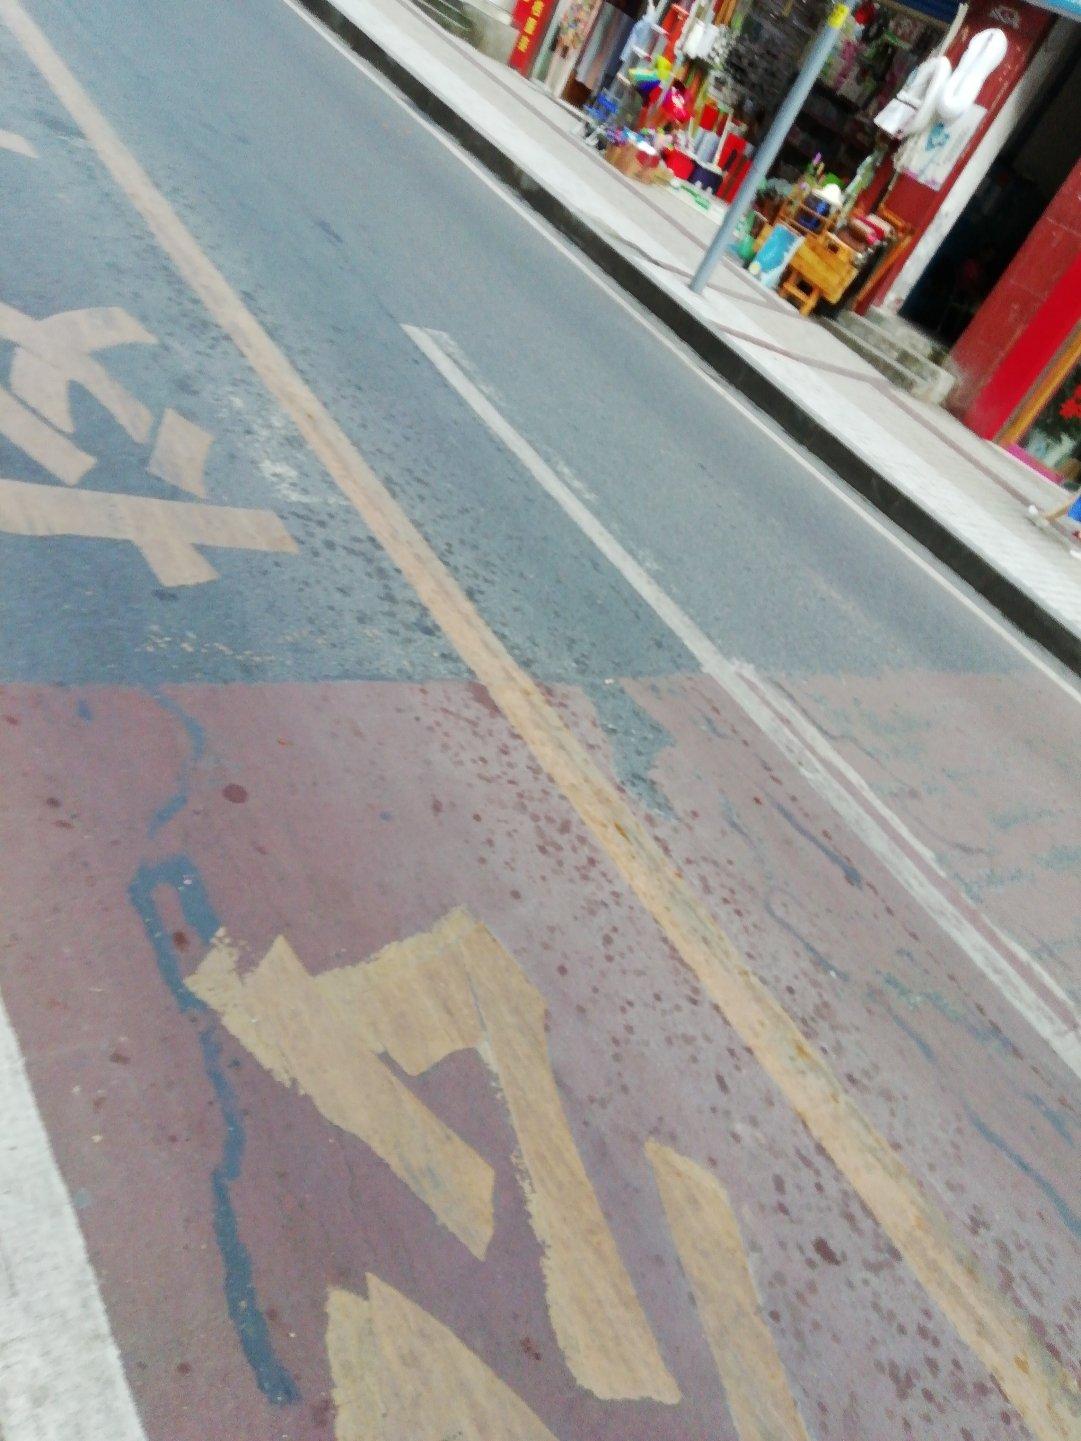 重庆市忠县商业步行街靠近忠县市政园林管理局天气预报